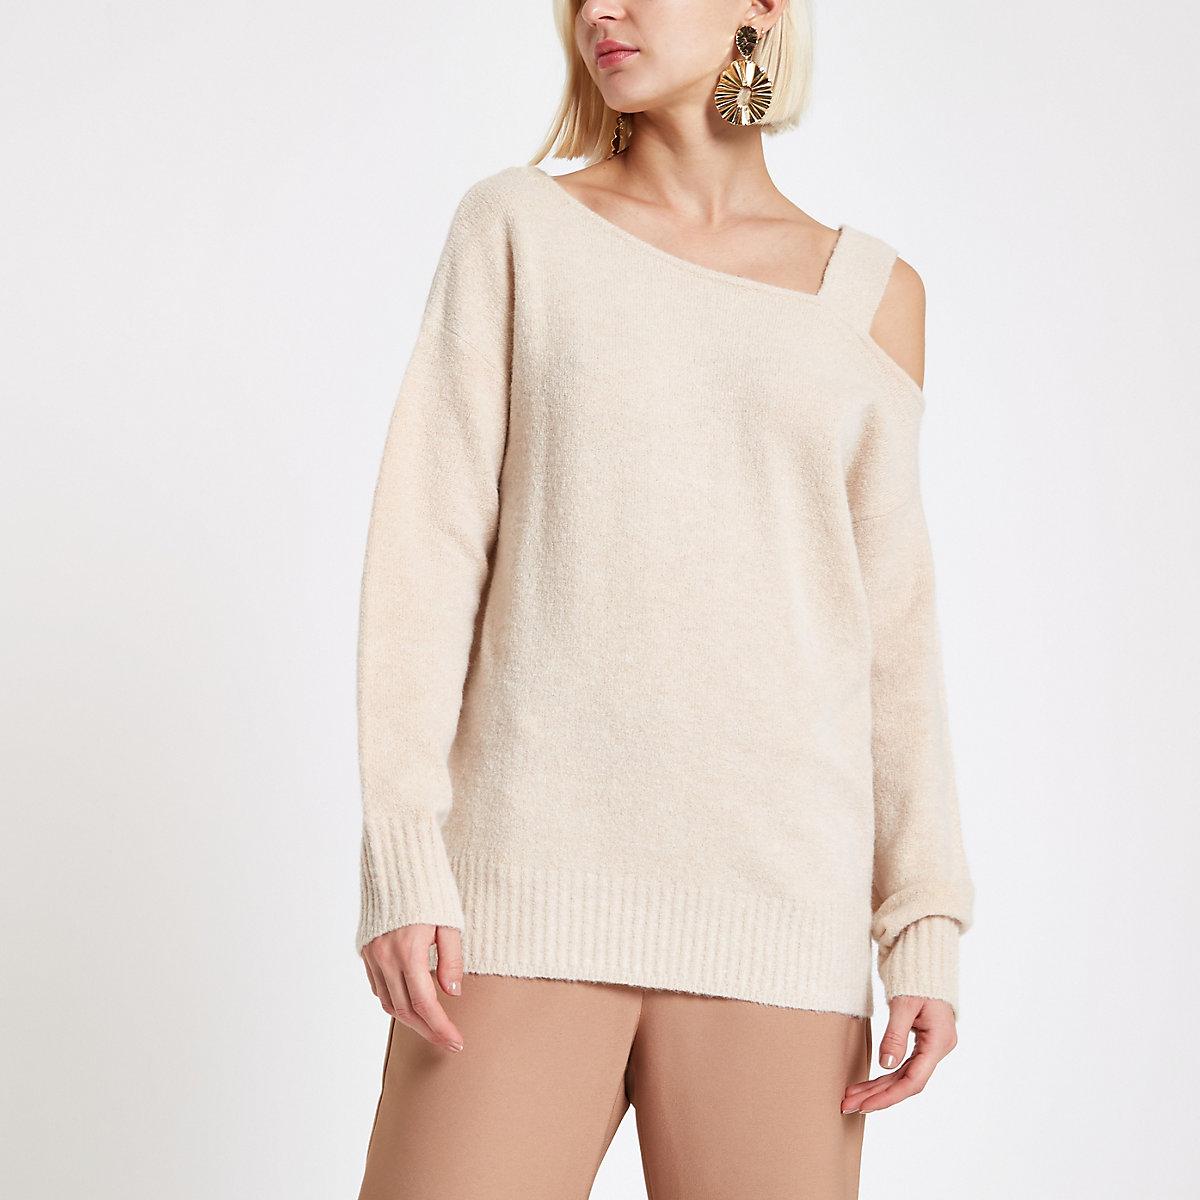 Beige asymmetric shoulder knit sweater